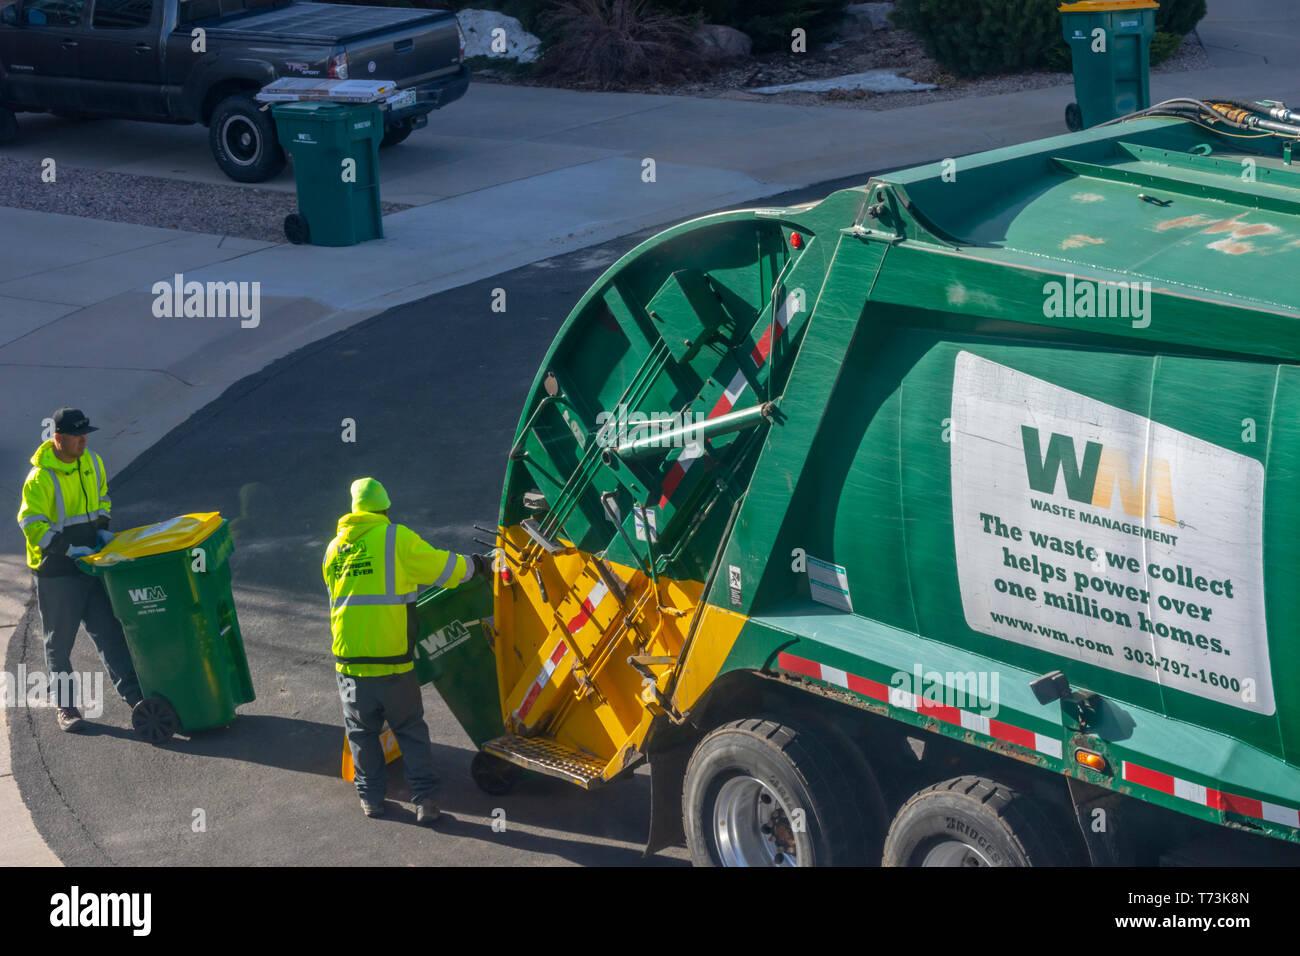 Deux travailleurs de la gestion des déchets en plastique jaune et vert vide les poubelles dans une zone résidentielle, Castle Rock Colorado nous. Photo prise en avril. Photo Stock